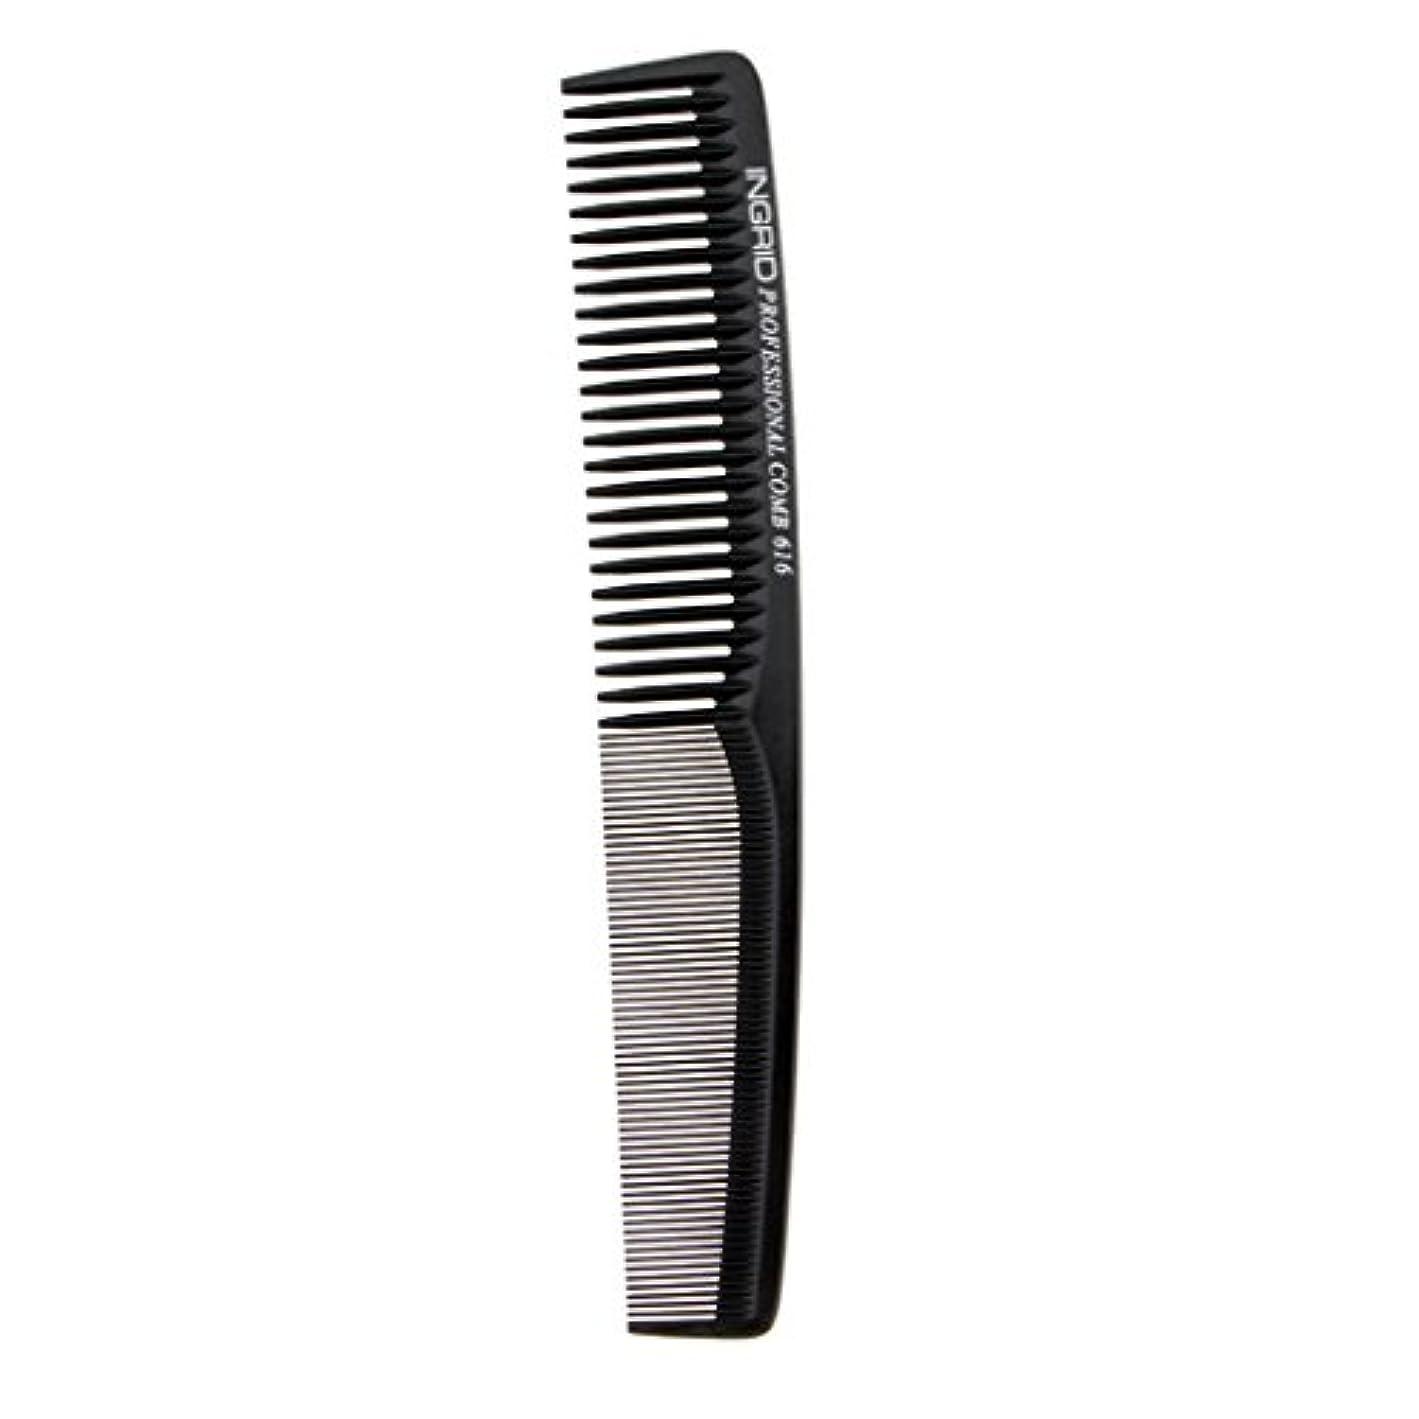 知り合いになる経験者ひばりヘアカットコーム 櫛 コーム 理髪店 ヘアケア 便利 全5色 - ブラック